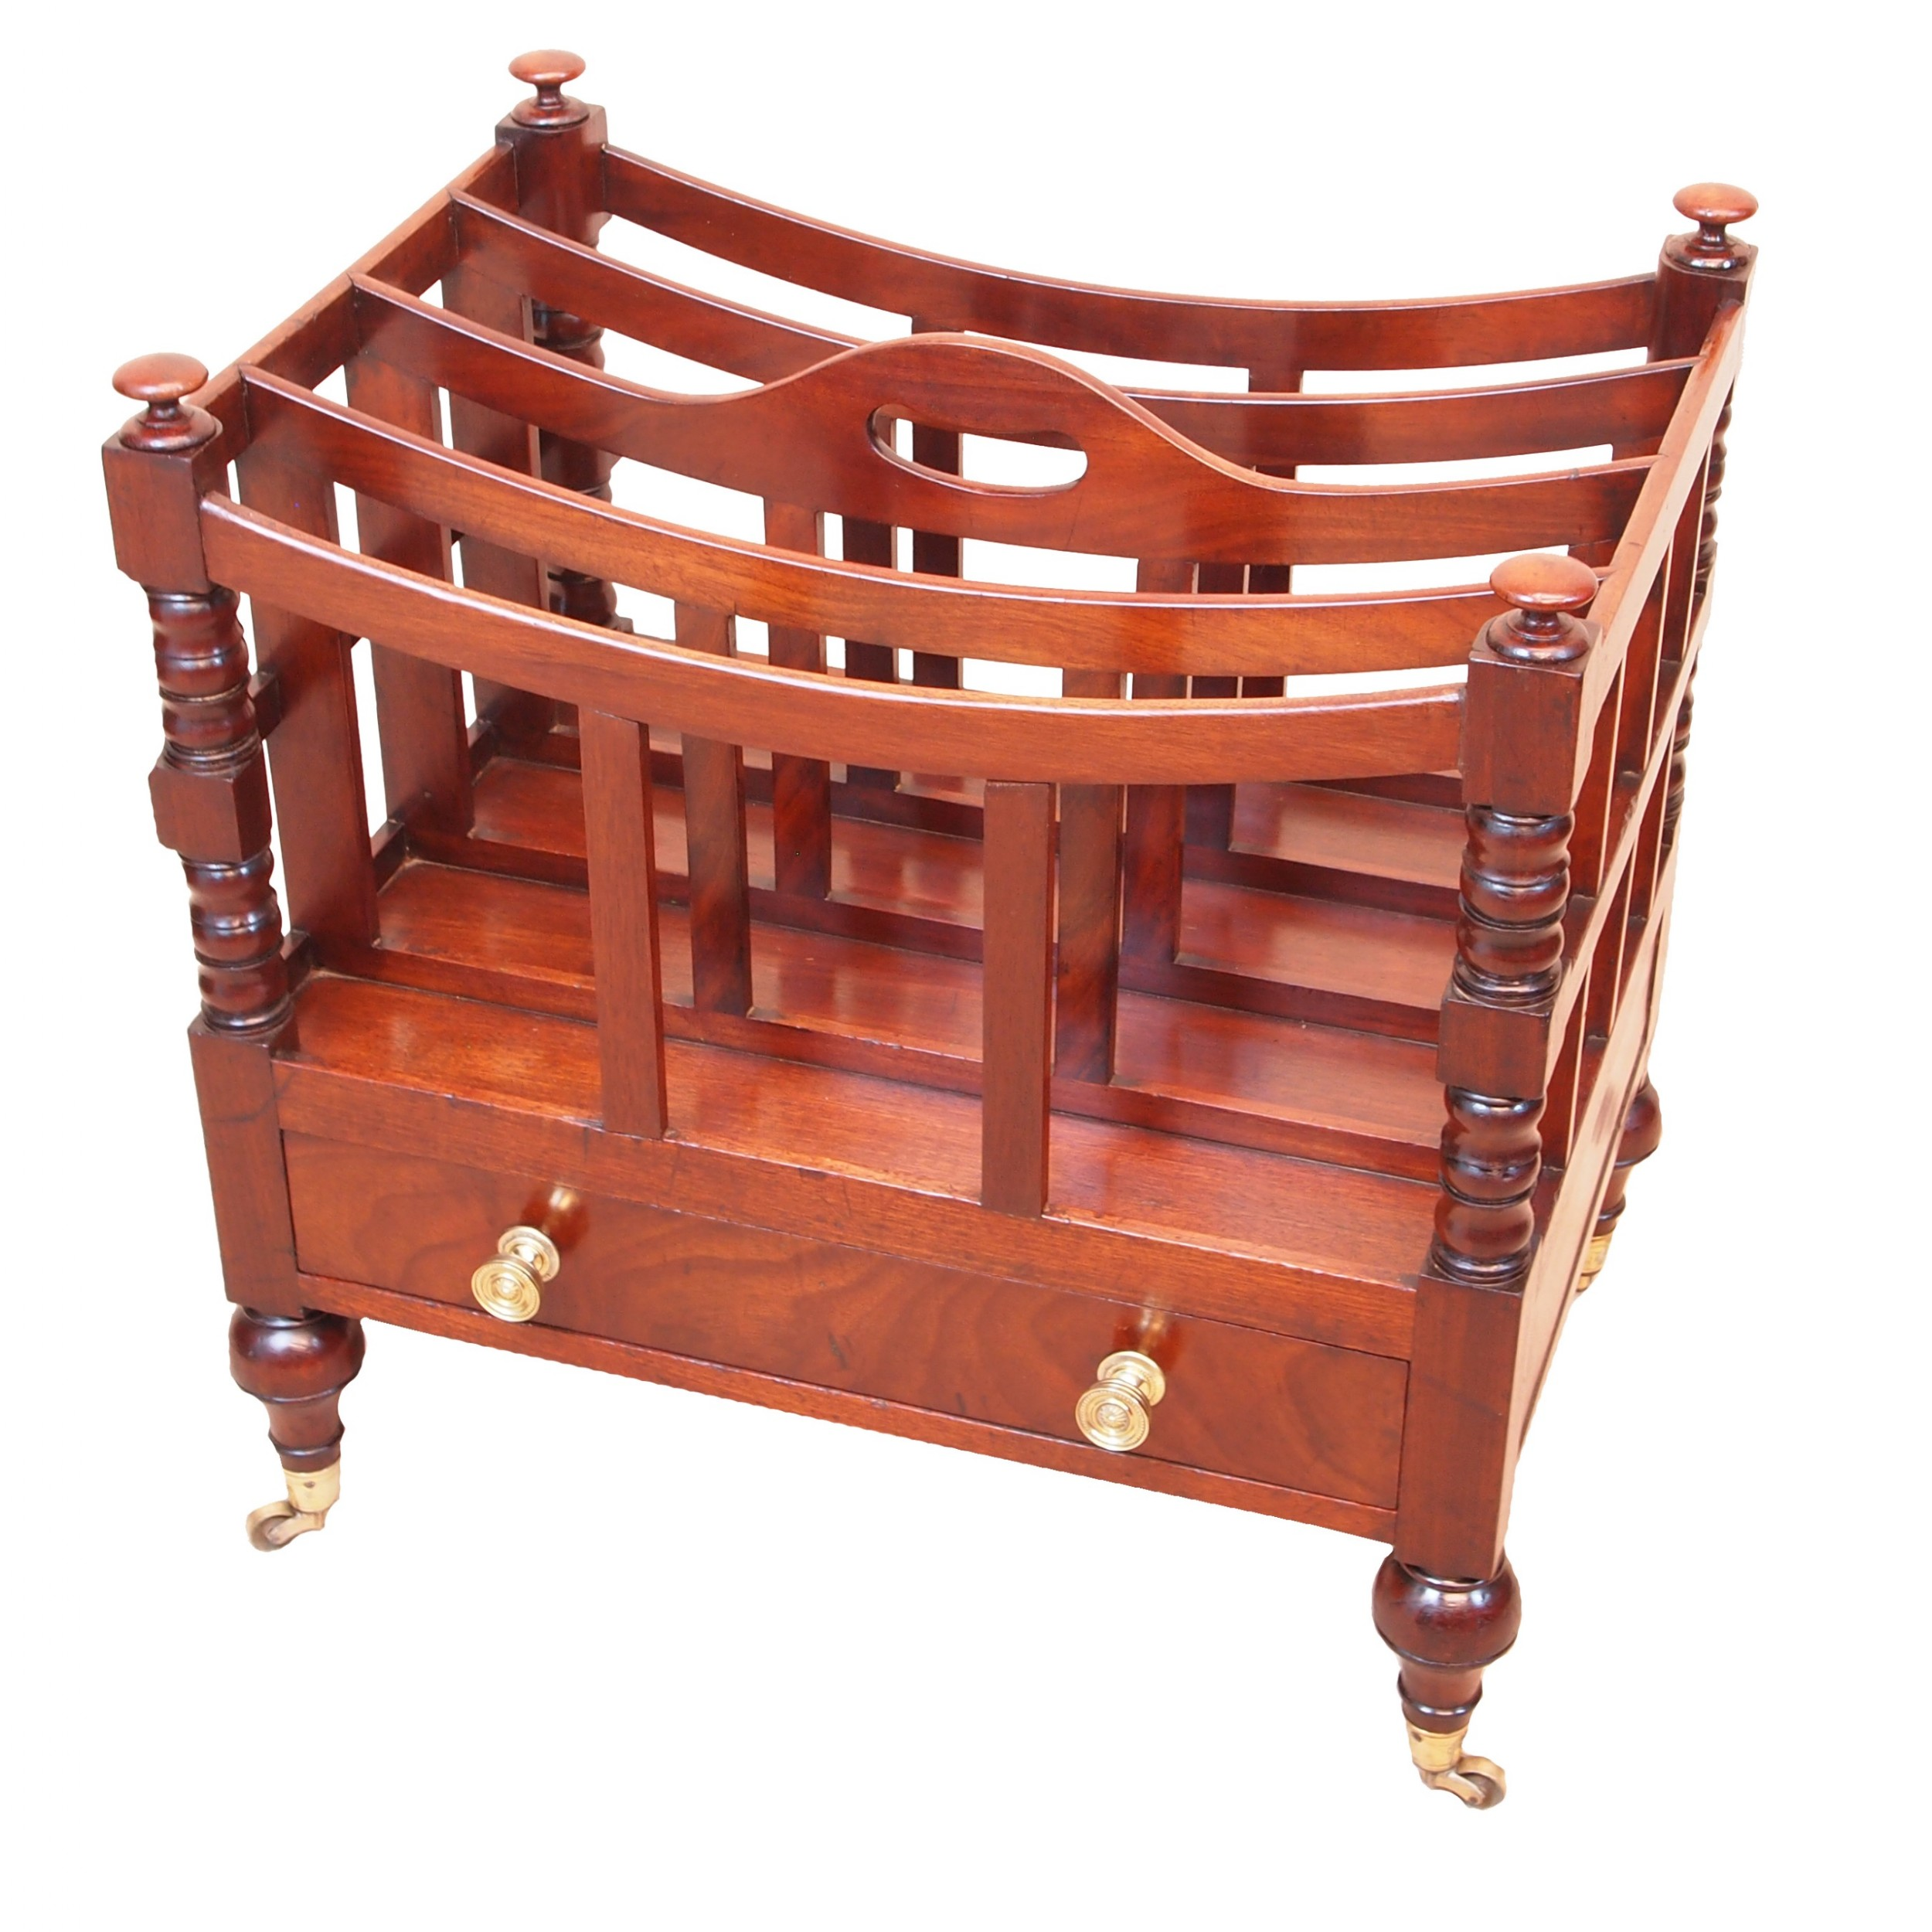 antique regency mahogany boat shaped canterbury